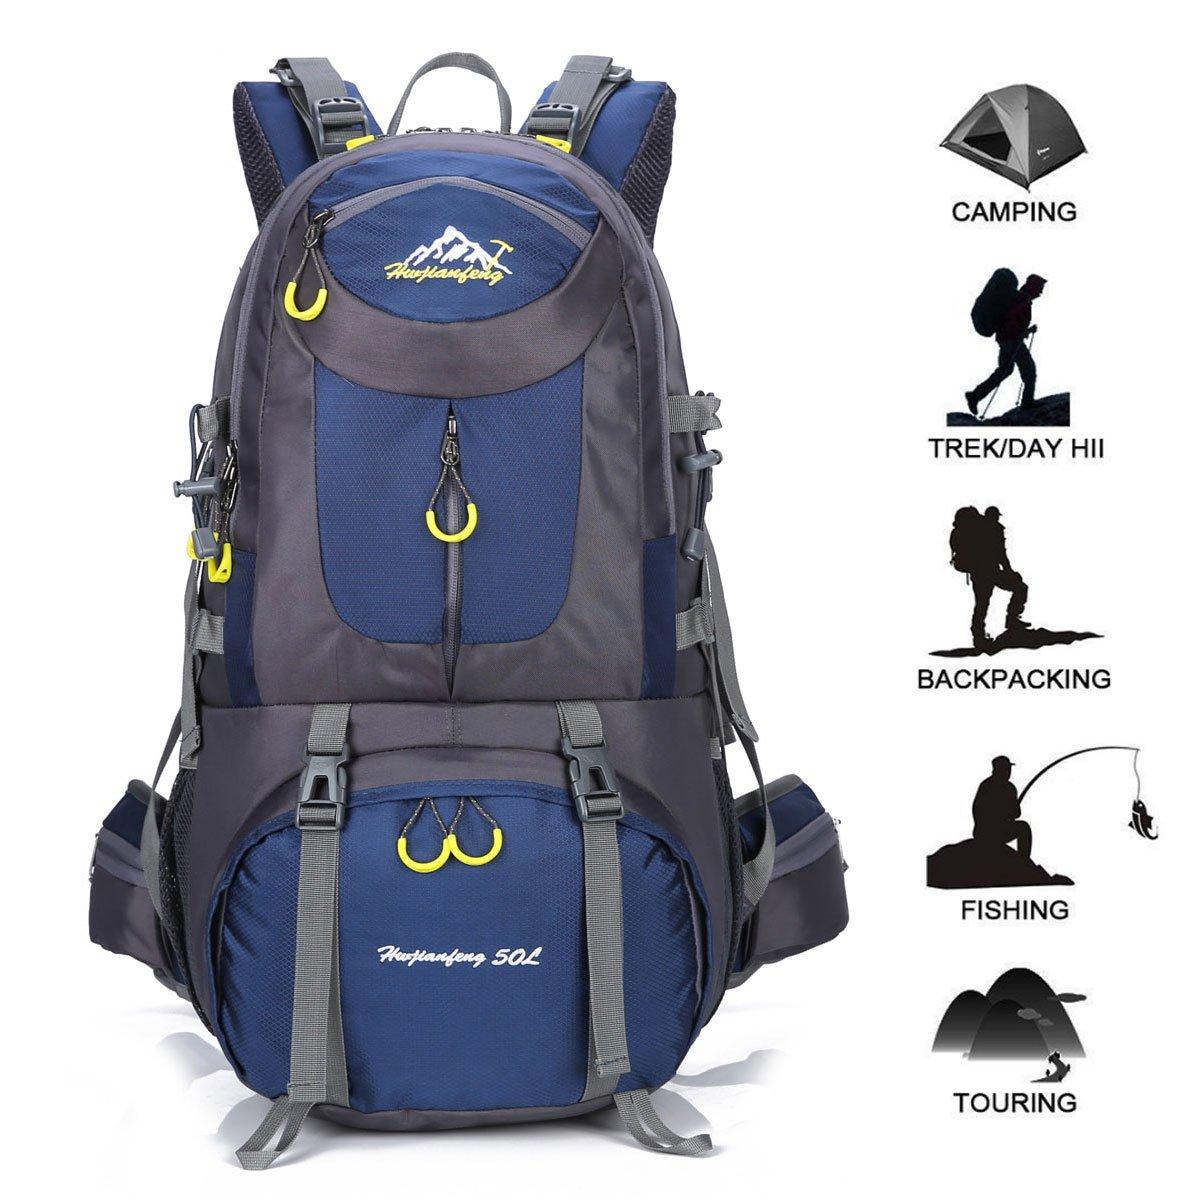 Gohyo Mochila de Viaje 50L Senderismo Ligera Impermeable para Marcha Trekking Camping Montaña Escalada Dark Blue: Amazon.es: Deportes y aire libre